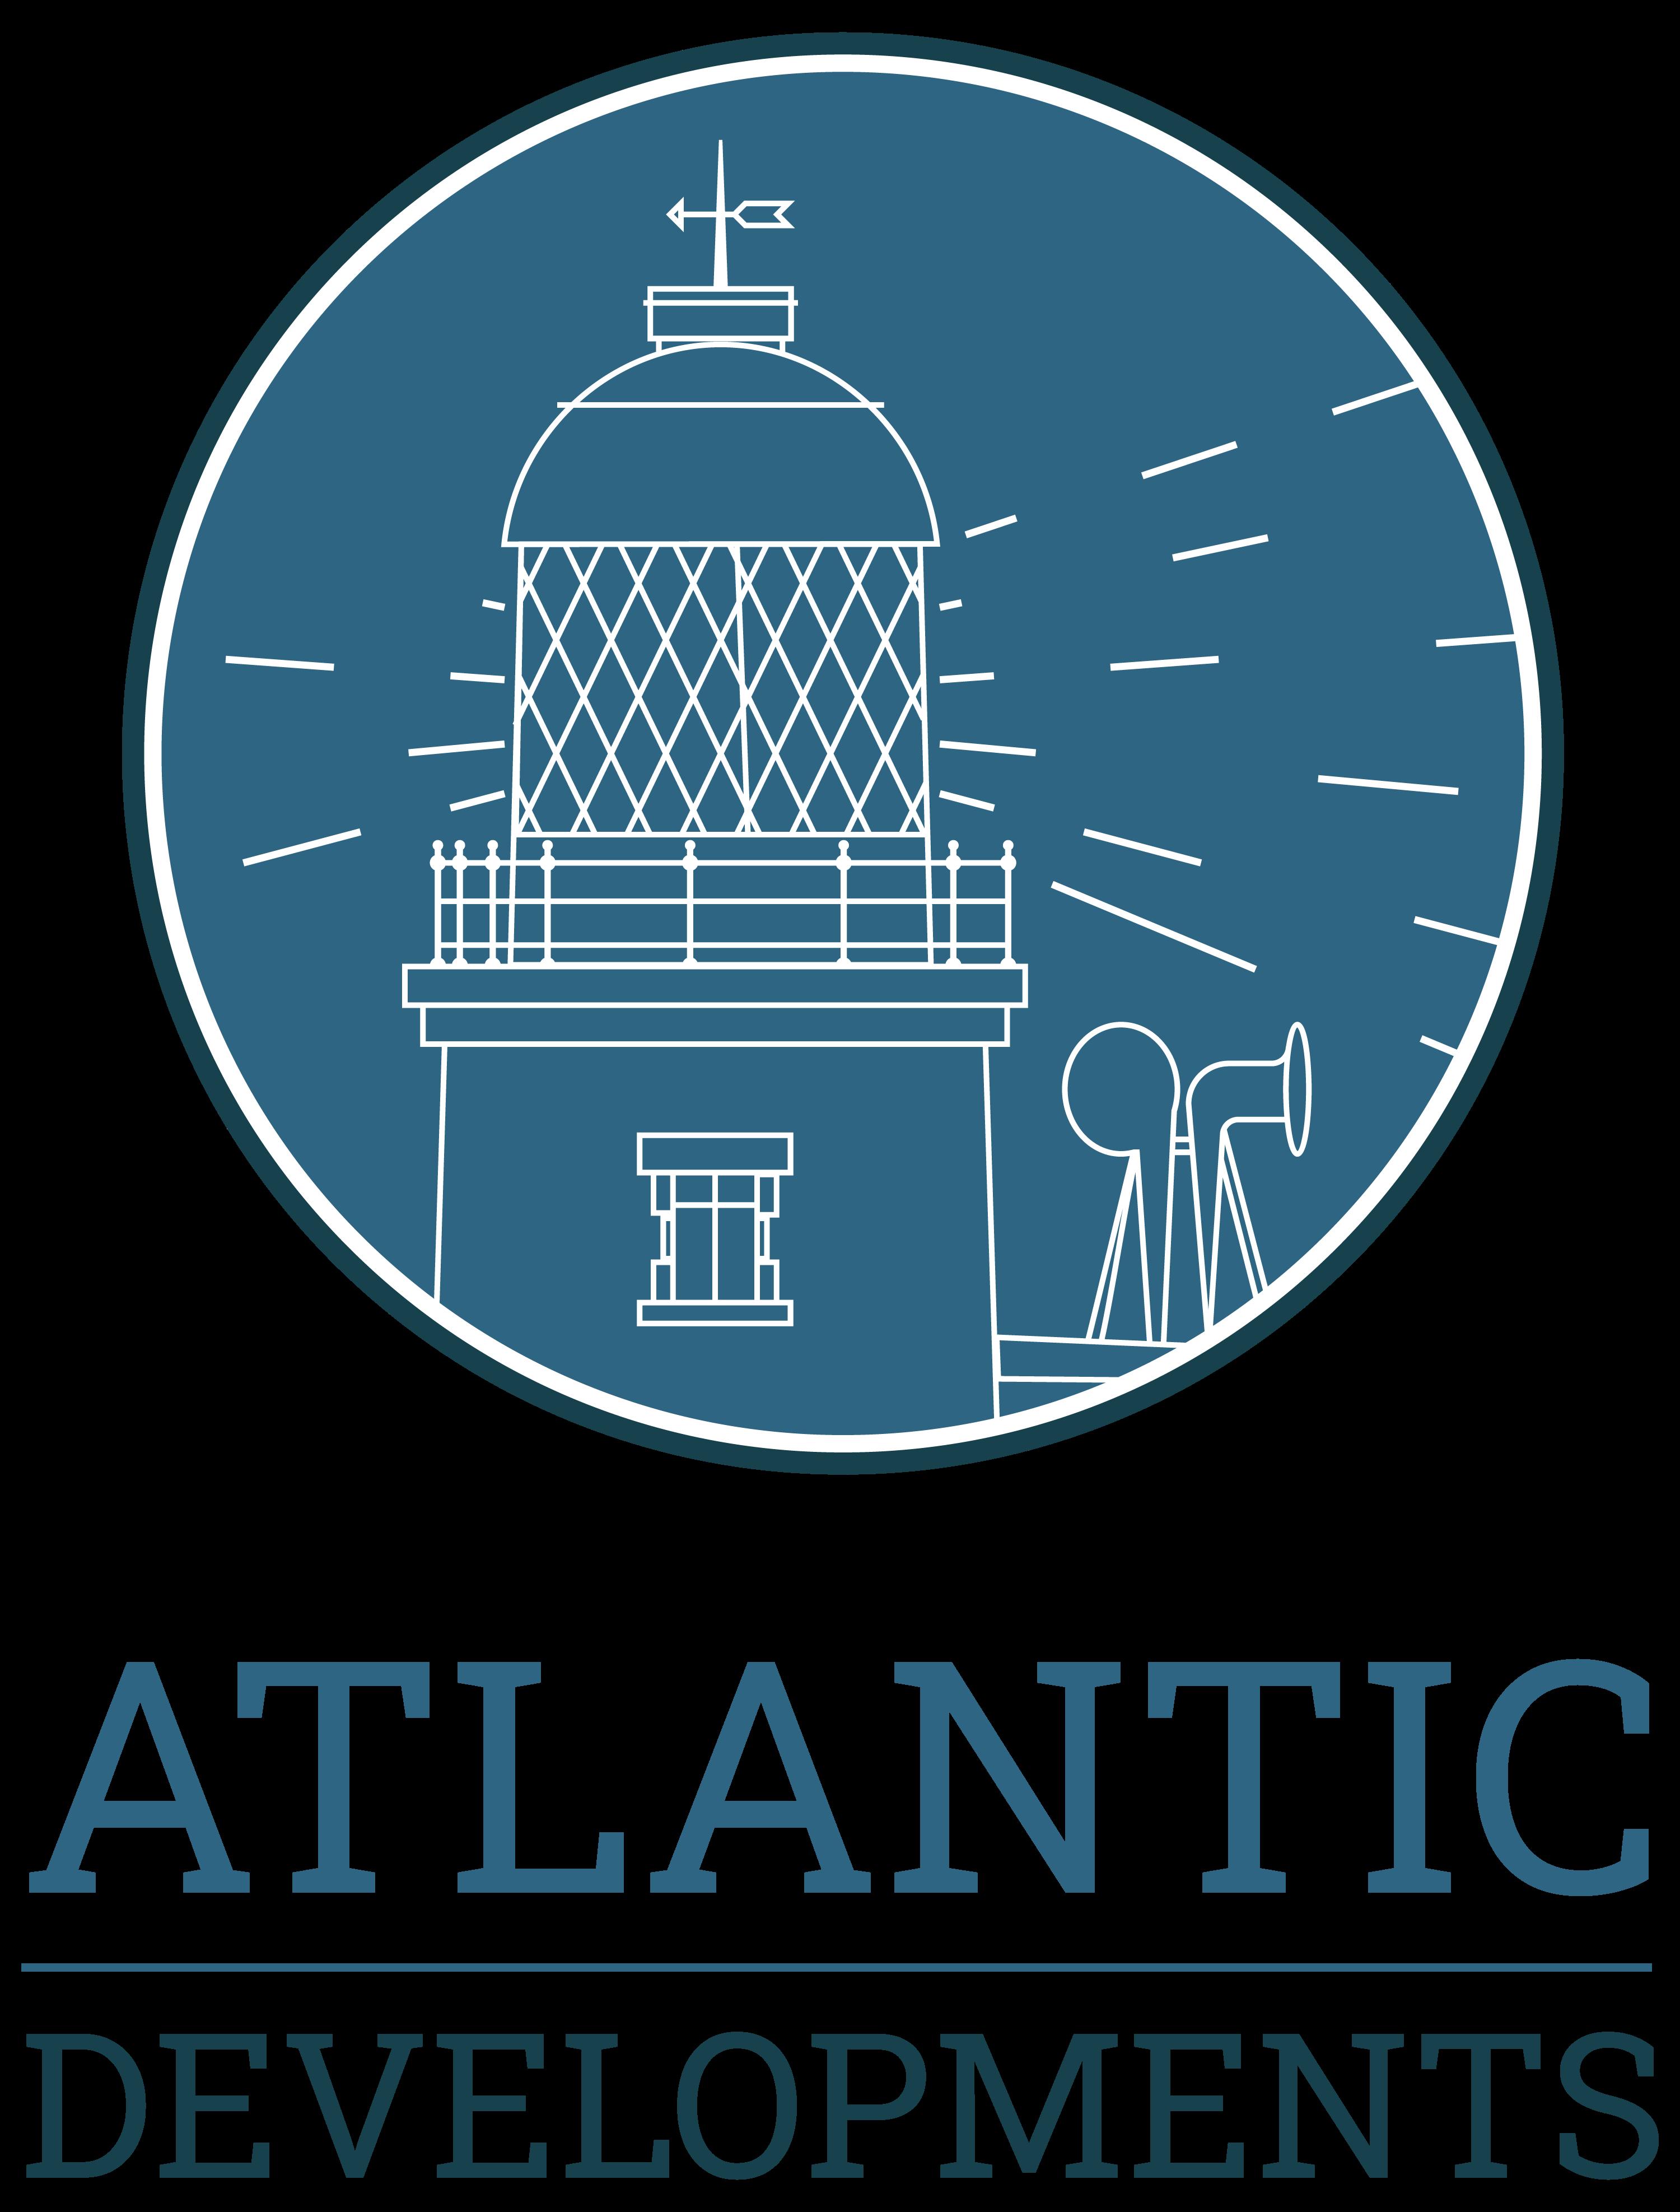 Atlantic Developments